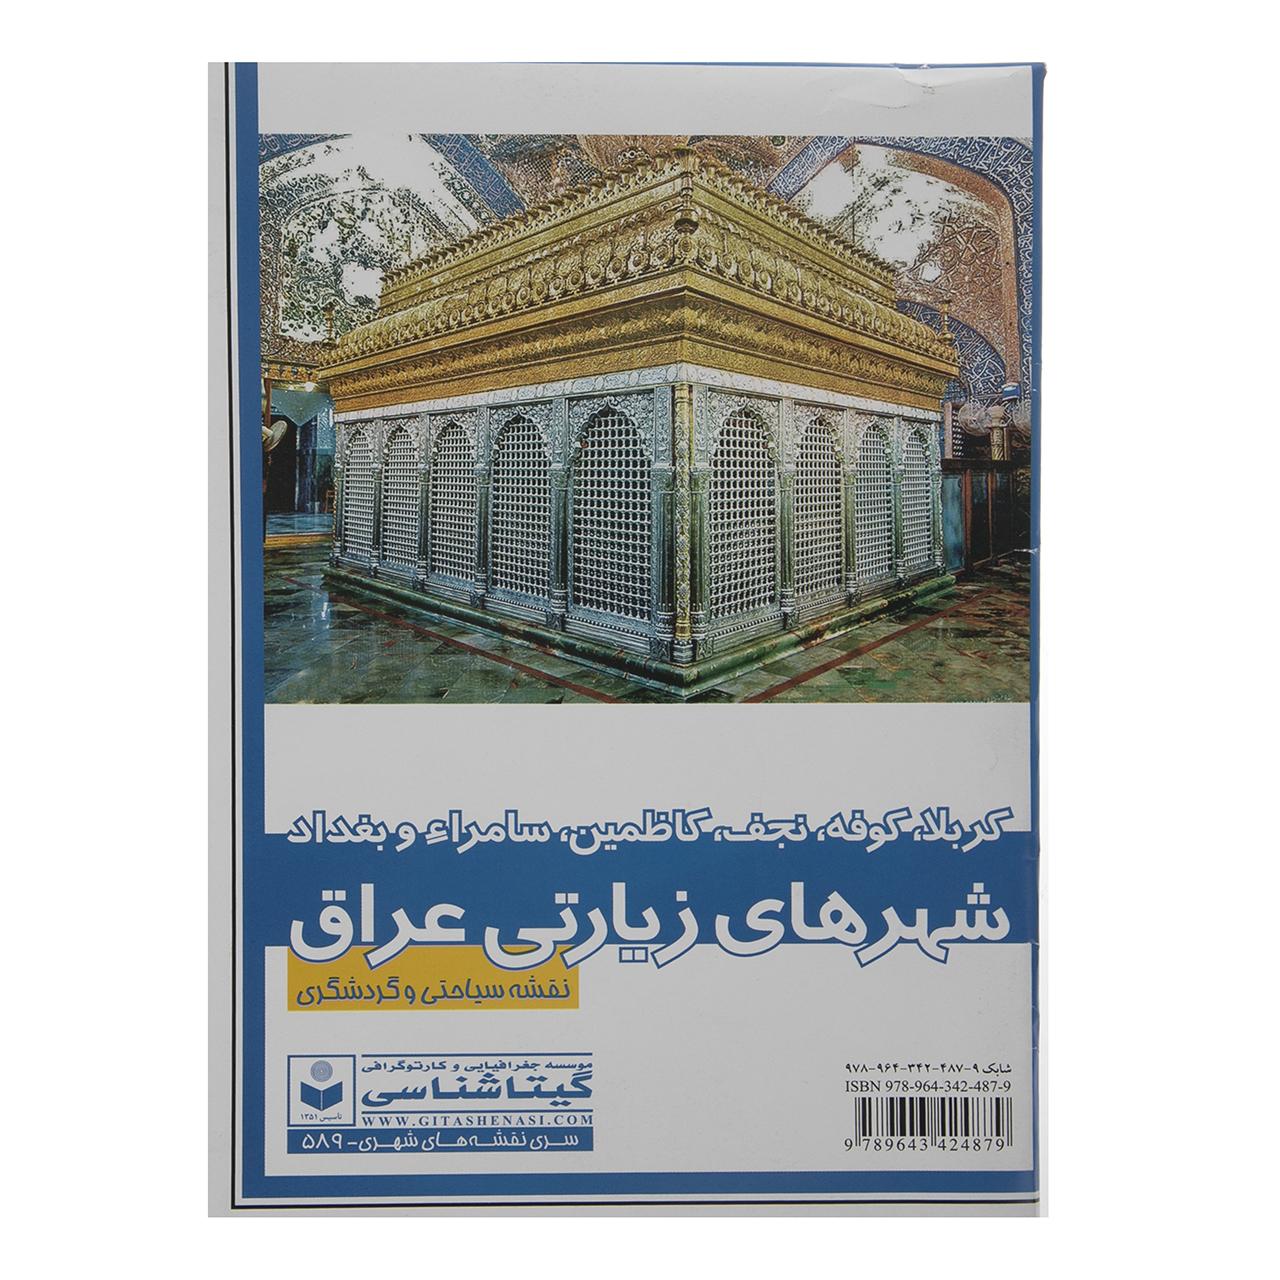 نقشه سیاحتی و گردشگری شهرهای زیارتی عراق